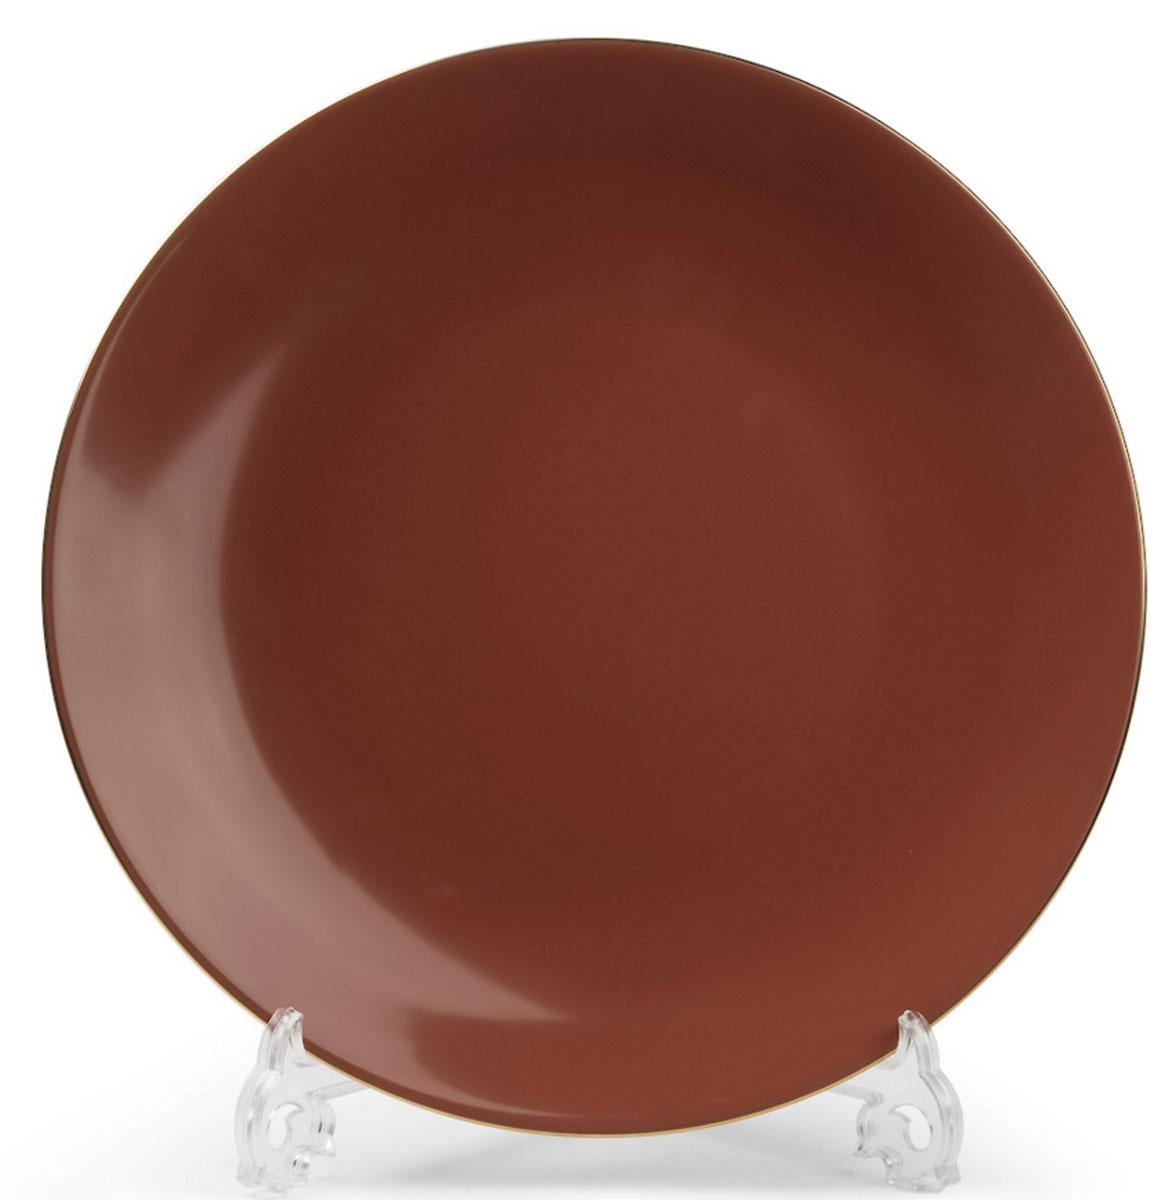 Monalisa 3126 Набор дессертных тарелок 21см*6 шт, цвет: мокко с золотом54 009312В наборе тарелка 21 см 6 штук Материал: фарфор: цвет: мокко с золотомСерия: MONALISA